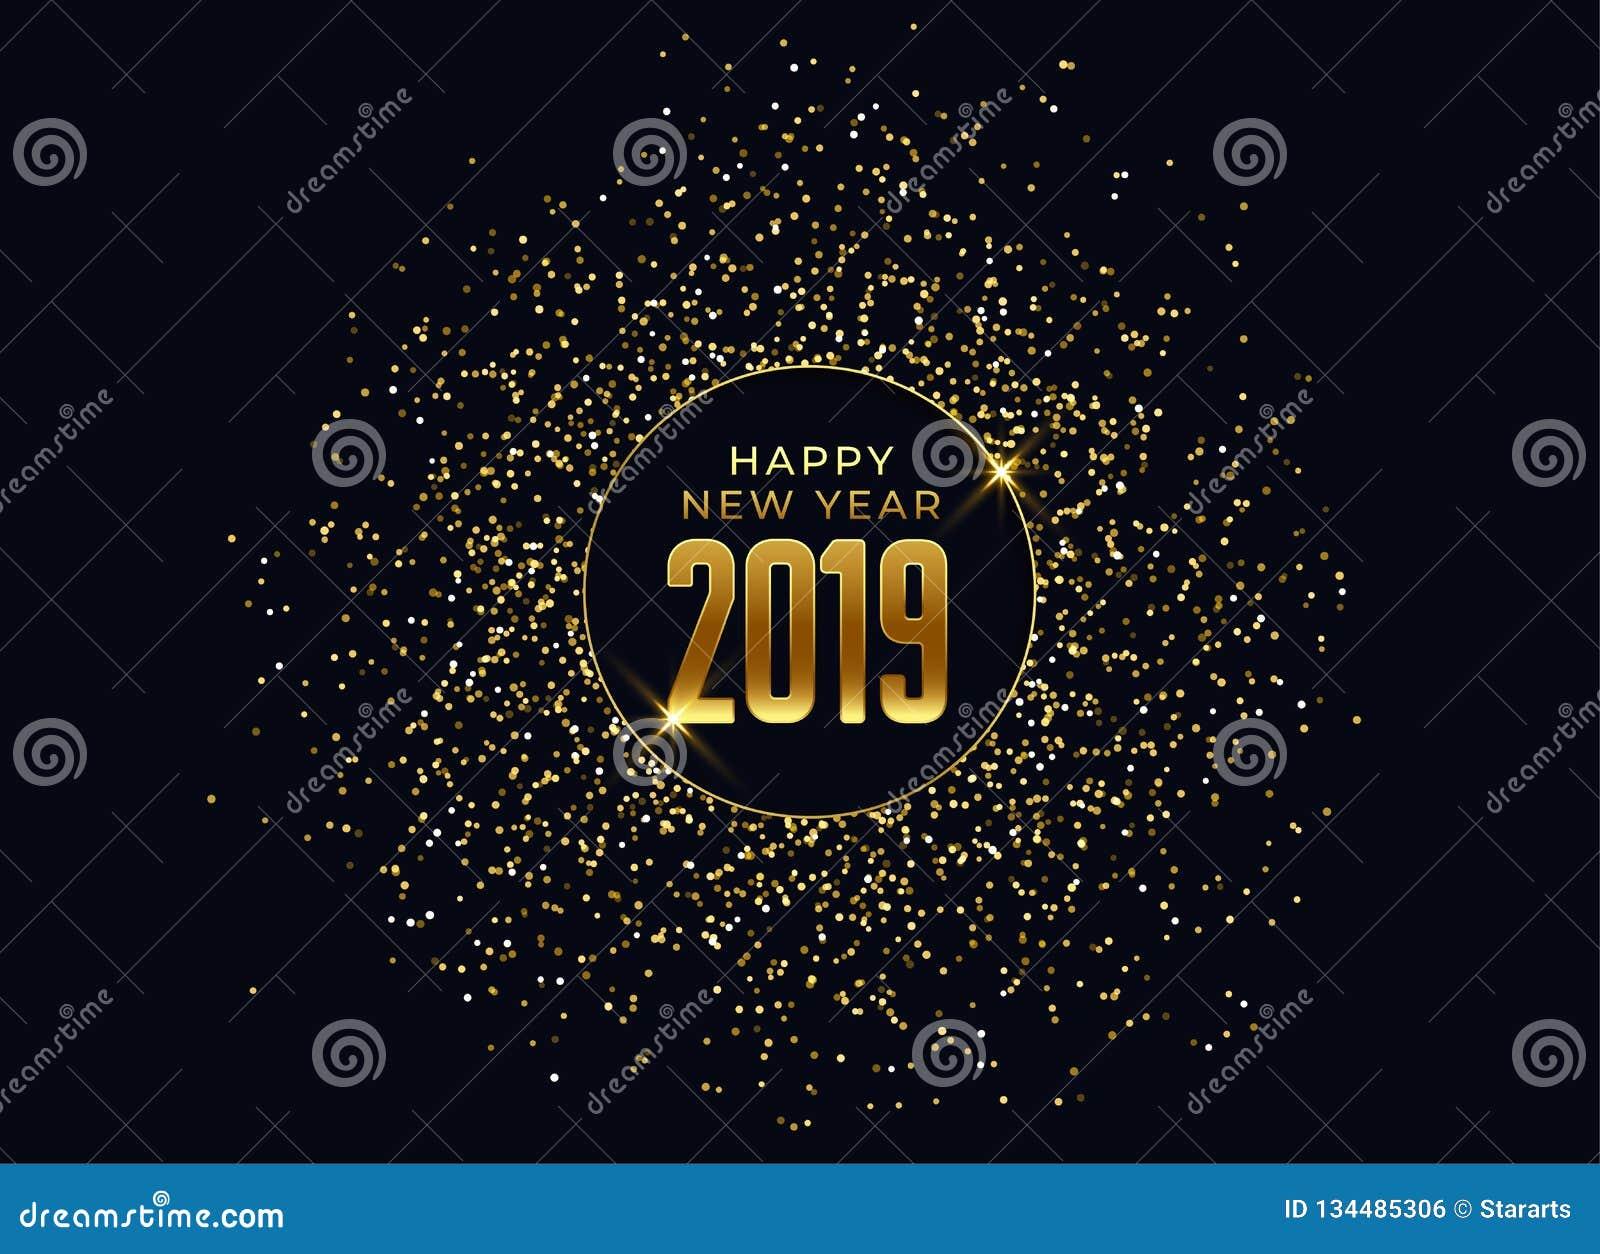 Fundo da celebração do ano 2019 novo feliz com brilho e sparkles